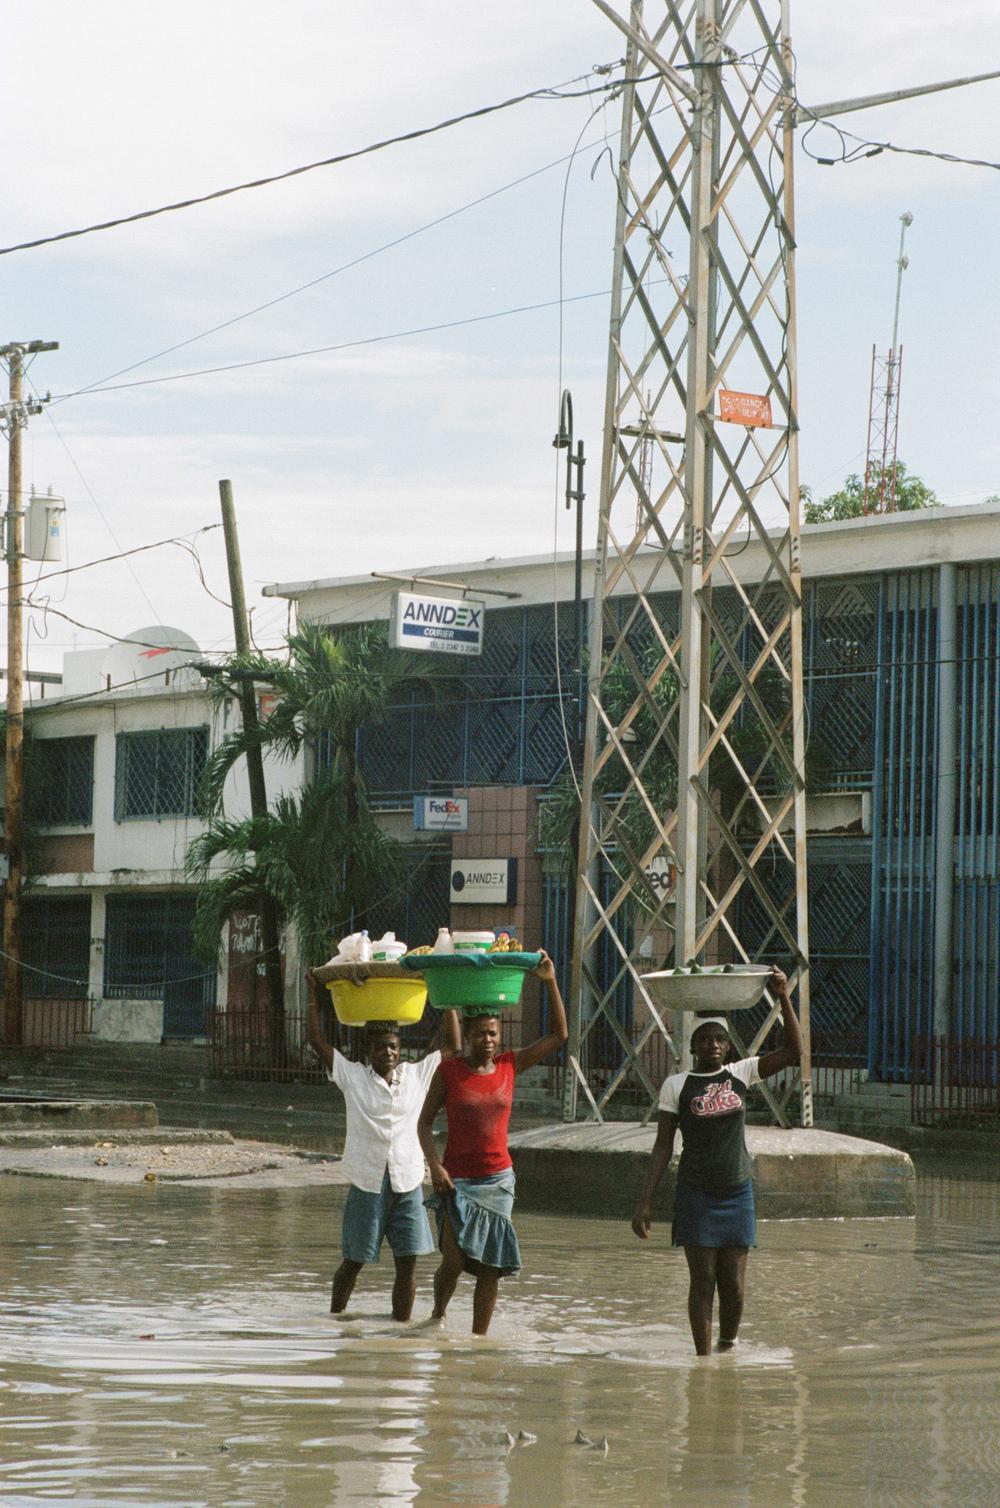 haiti018-759805030003.jpg